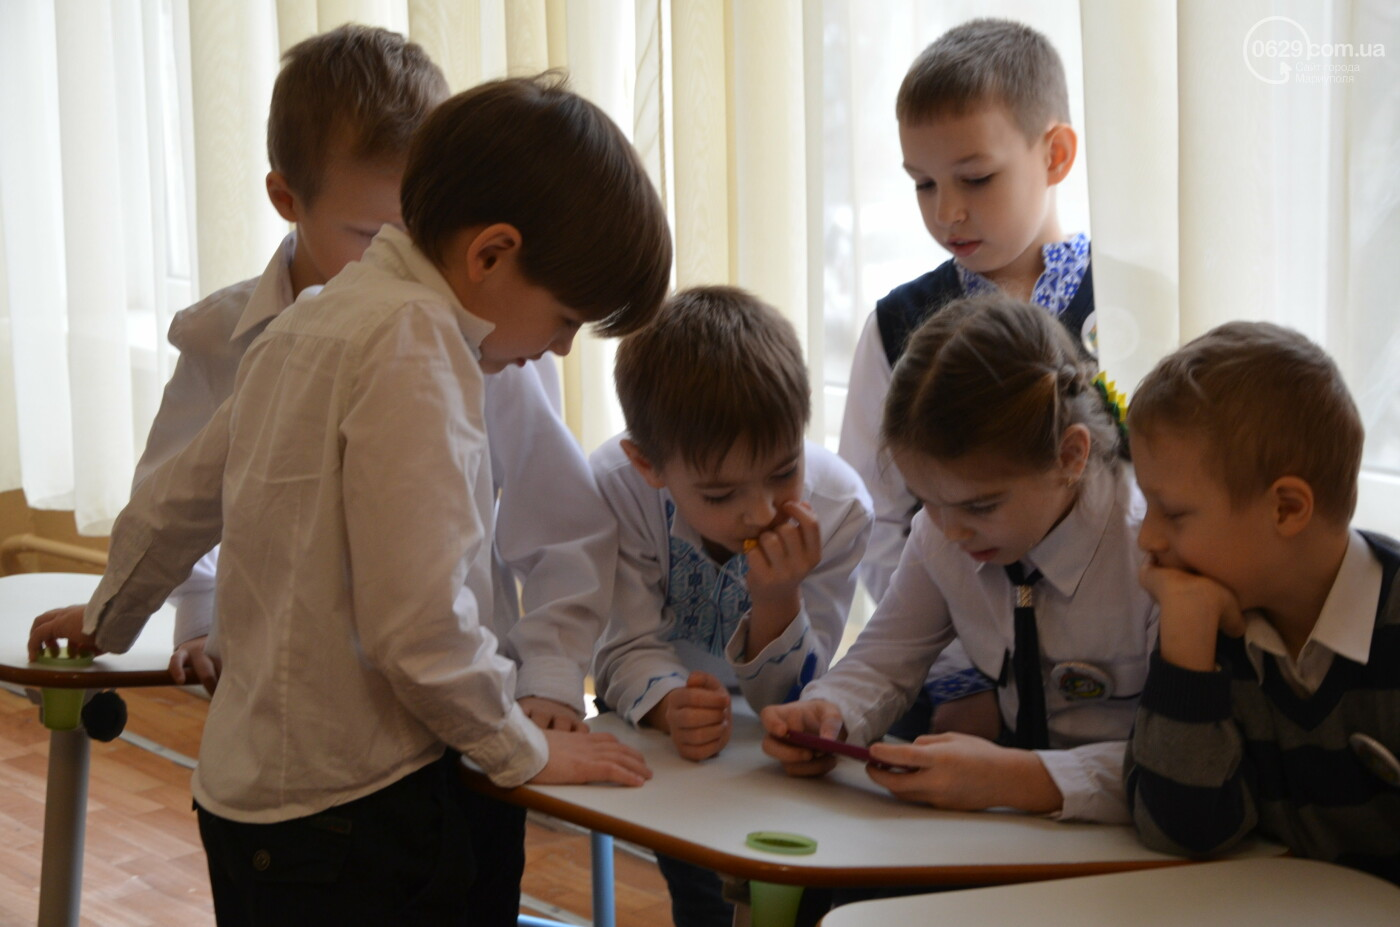 В мариупольской школе продемонстрировали, как работают с особенными детьми,- ФОТО, фото-2